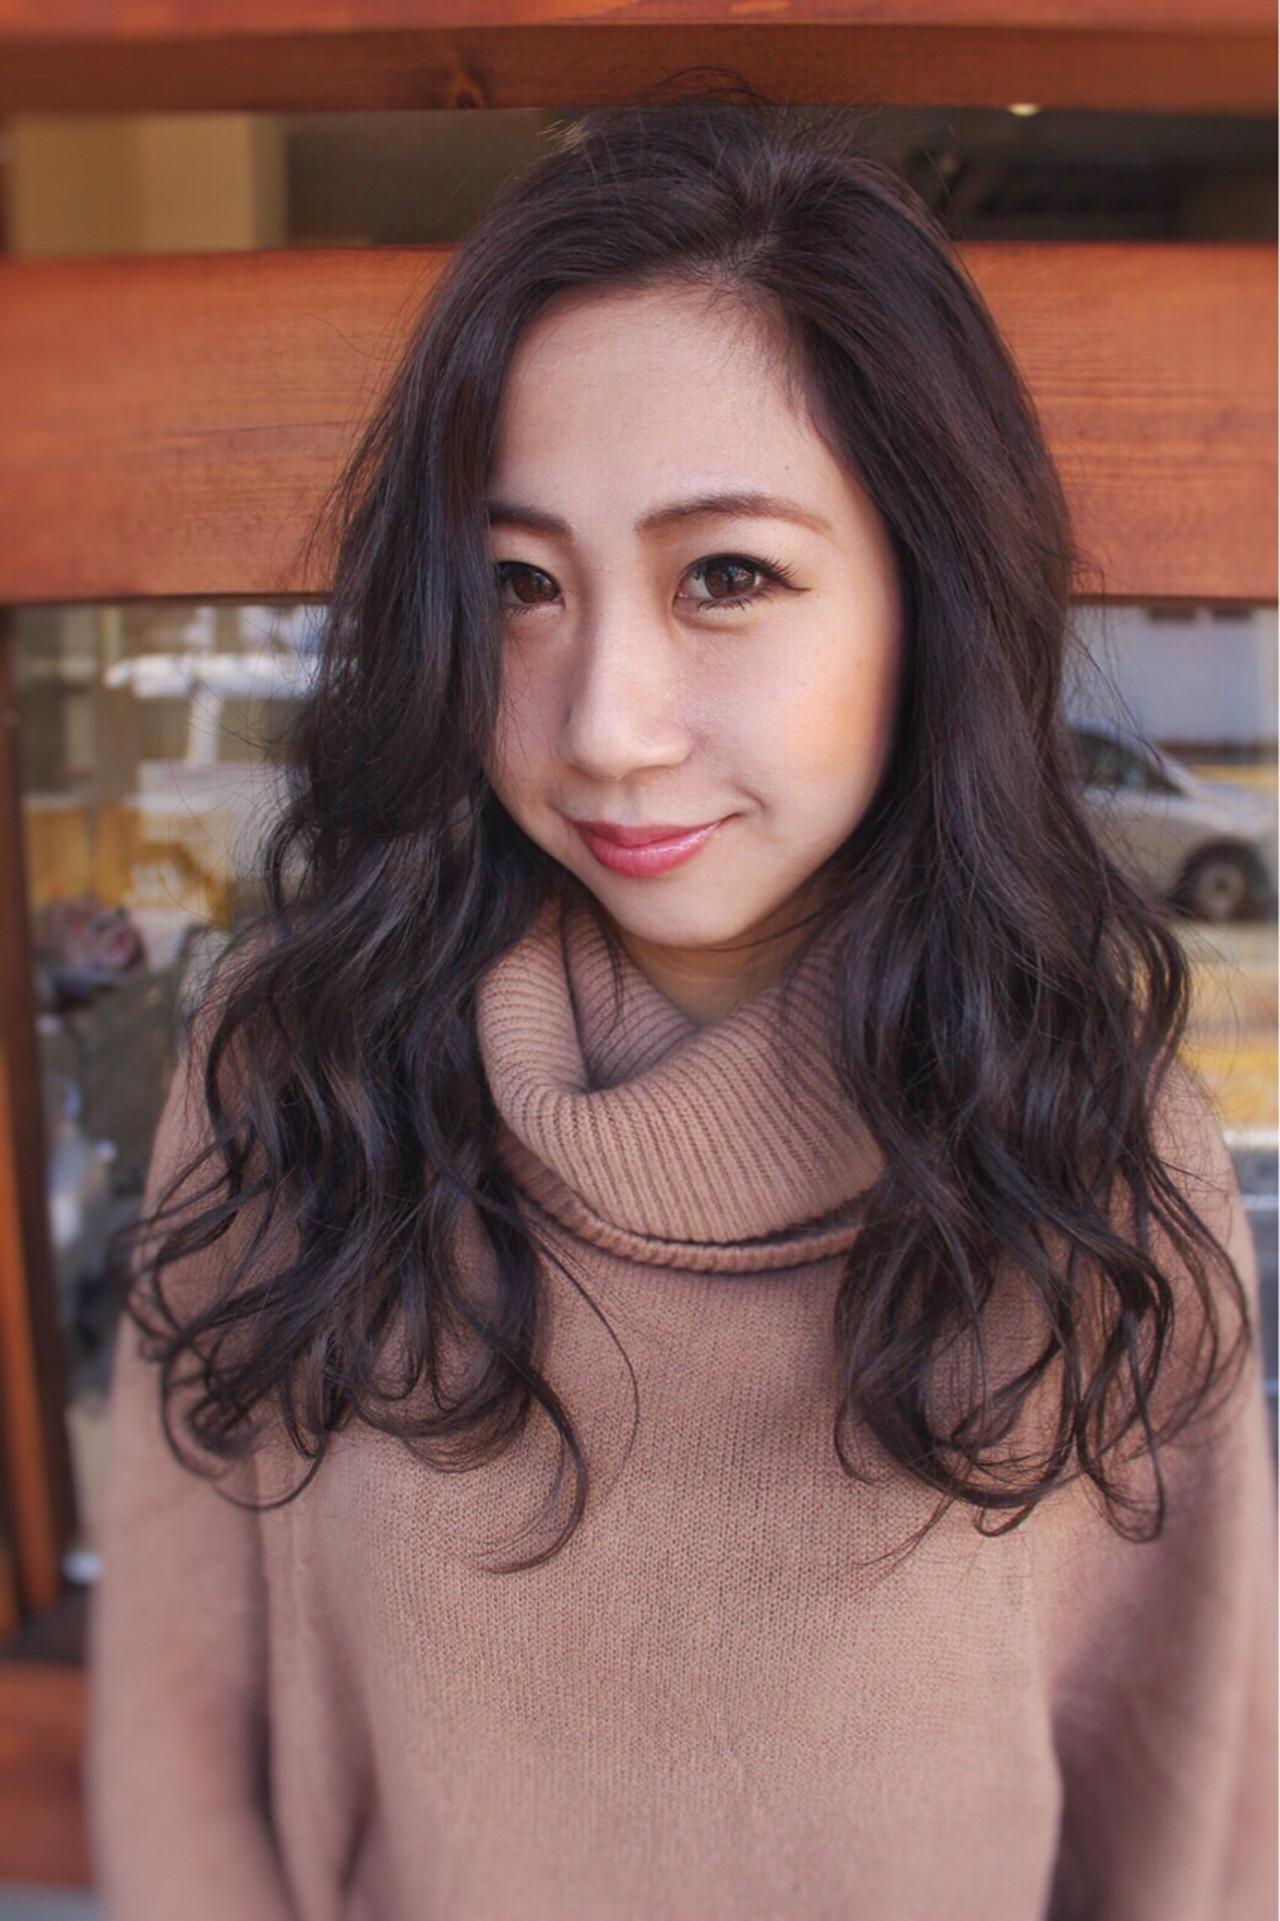 ナチュラル 暗髪 外国人風カラー 大人女子 ヘアスタイルや髪型の写真・画像 | サワ / Seamu